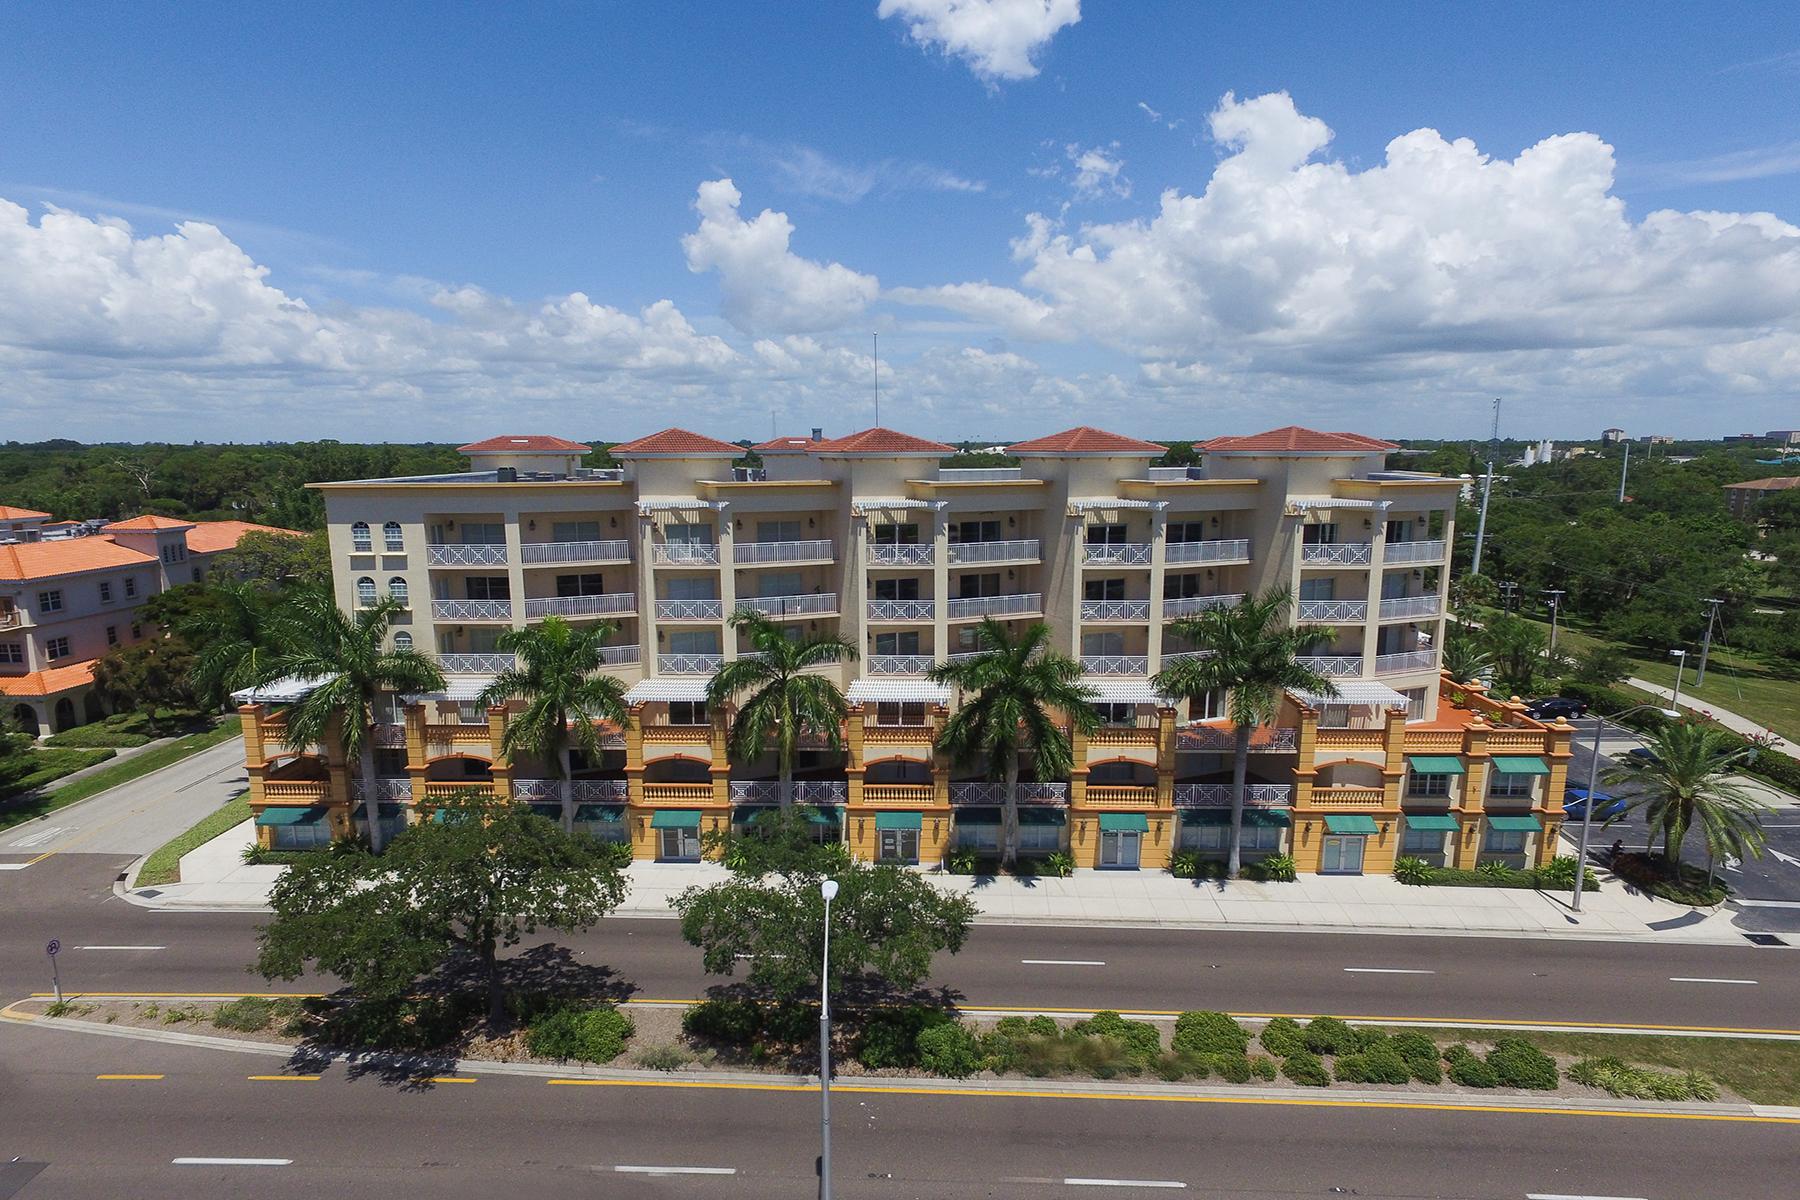 Eigentumswohnung für Verkauf beim SAN MARCO 1188 N Tamiami Trl 203 Sarasota, Florida, 34236 Vereinigte Staaten